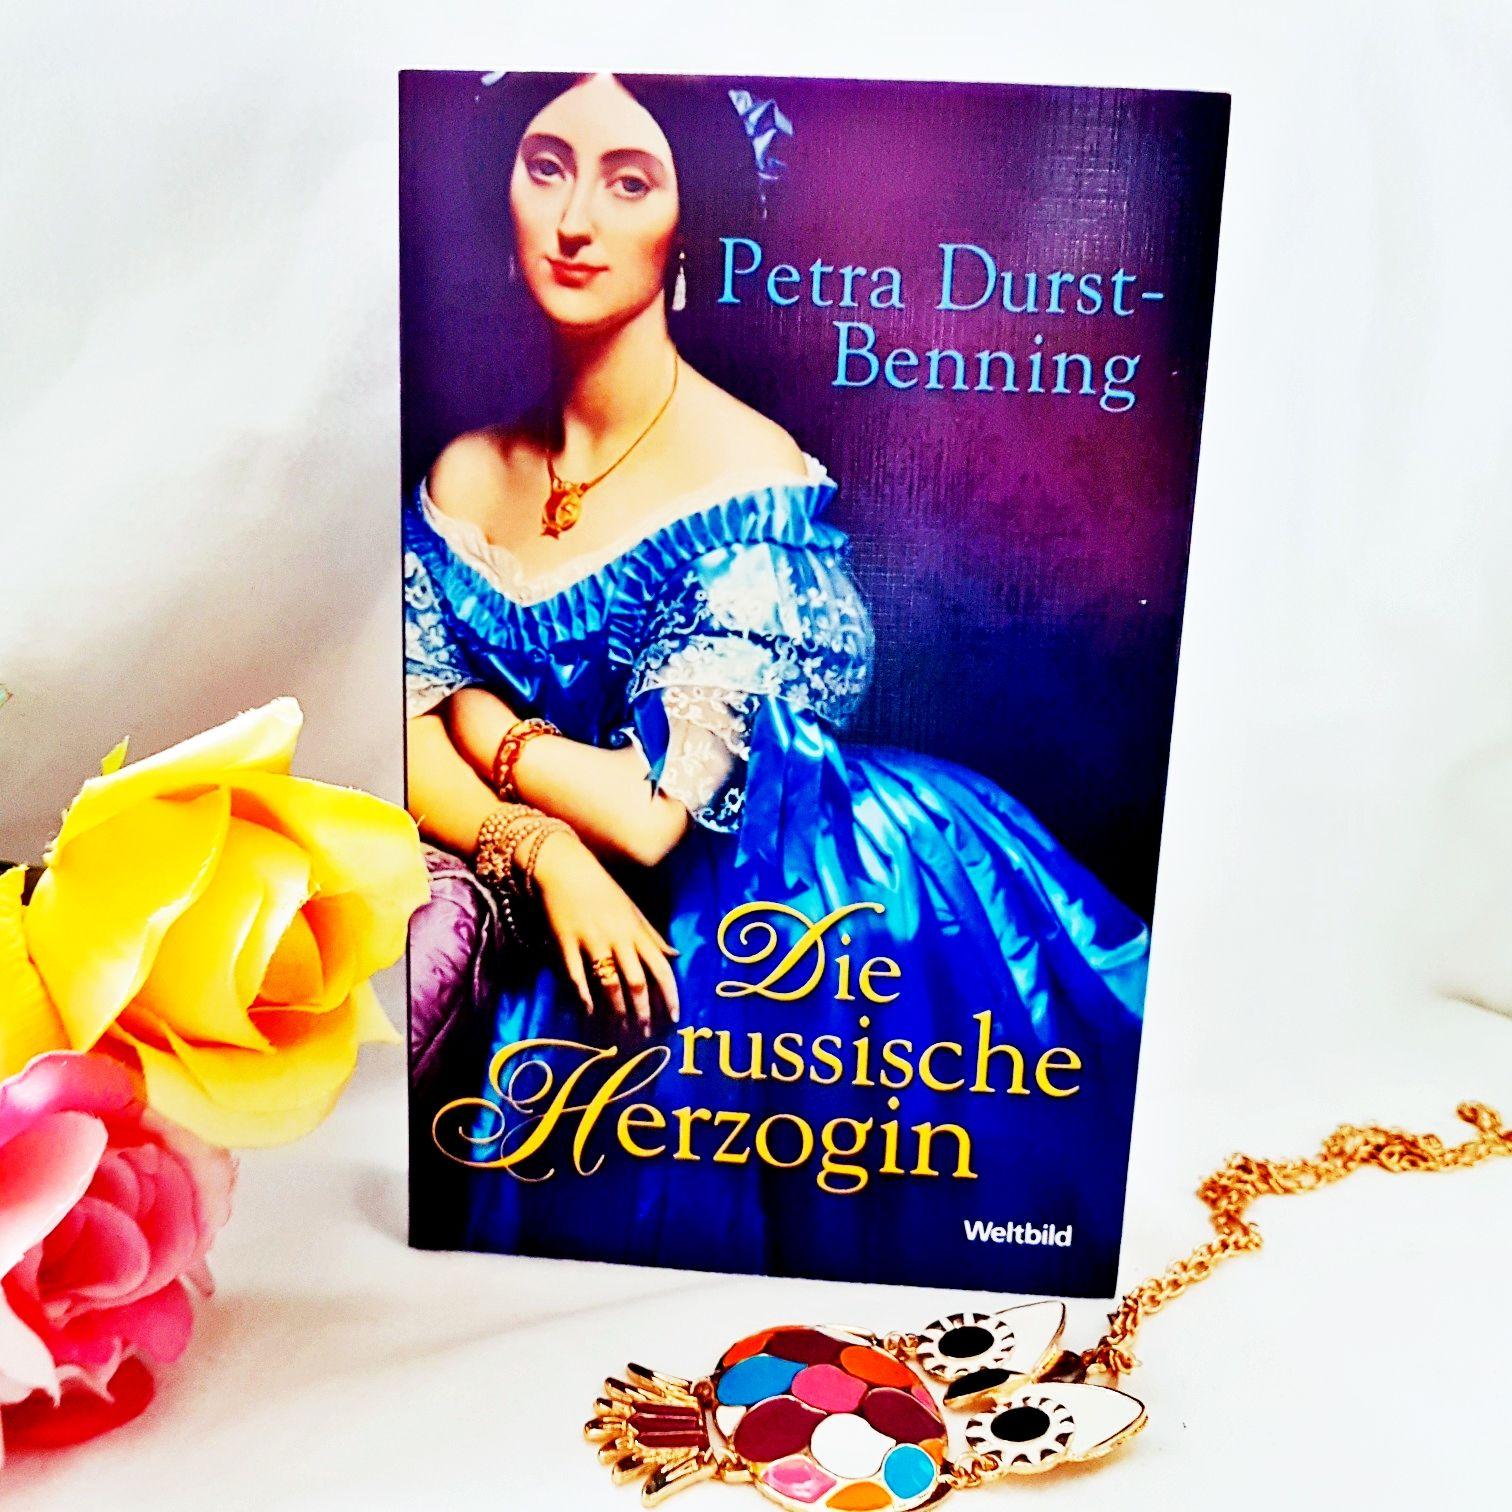 Die russische Herzogin von Petra Durst - Benning